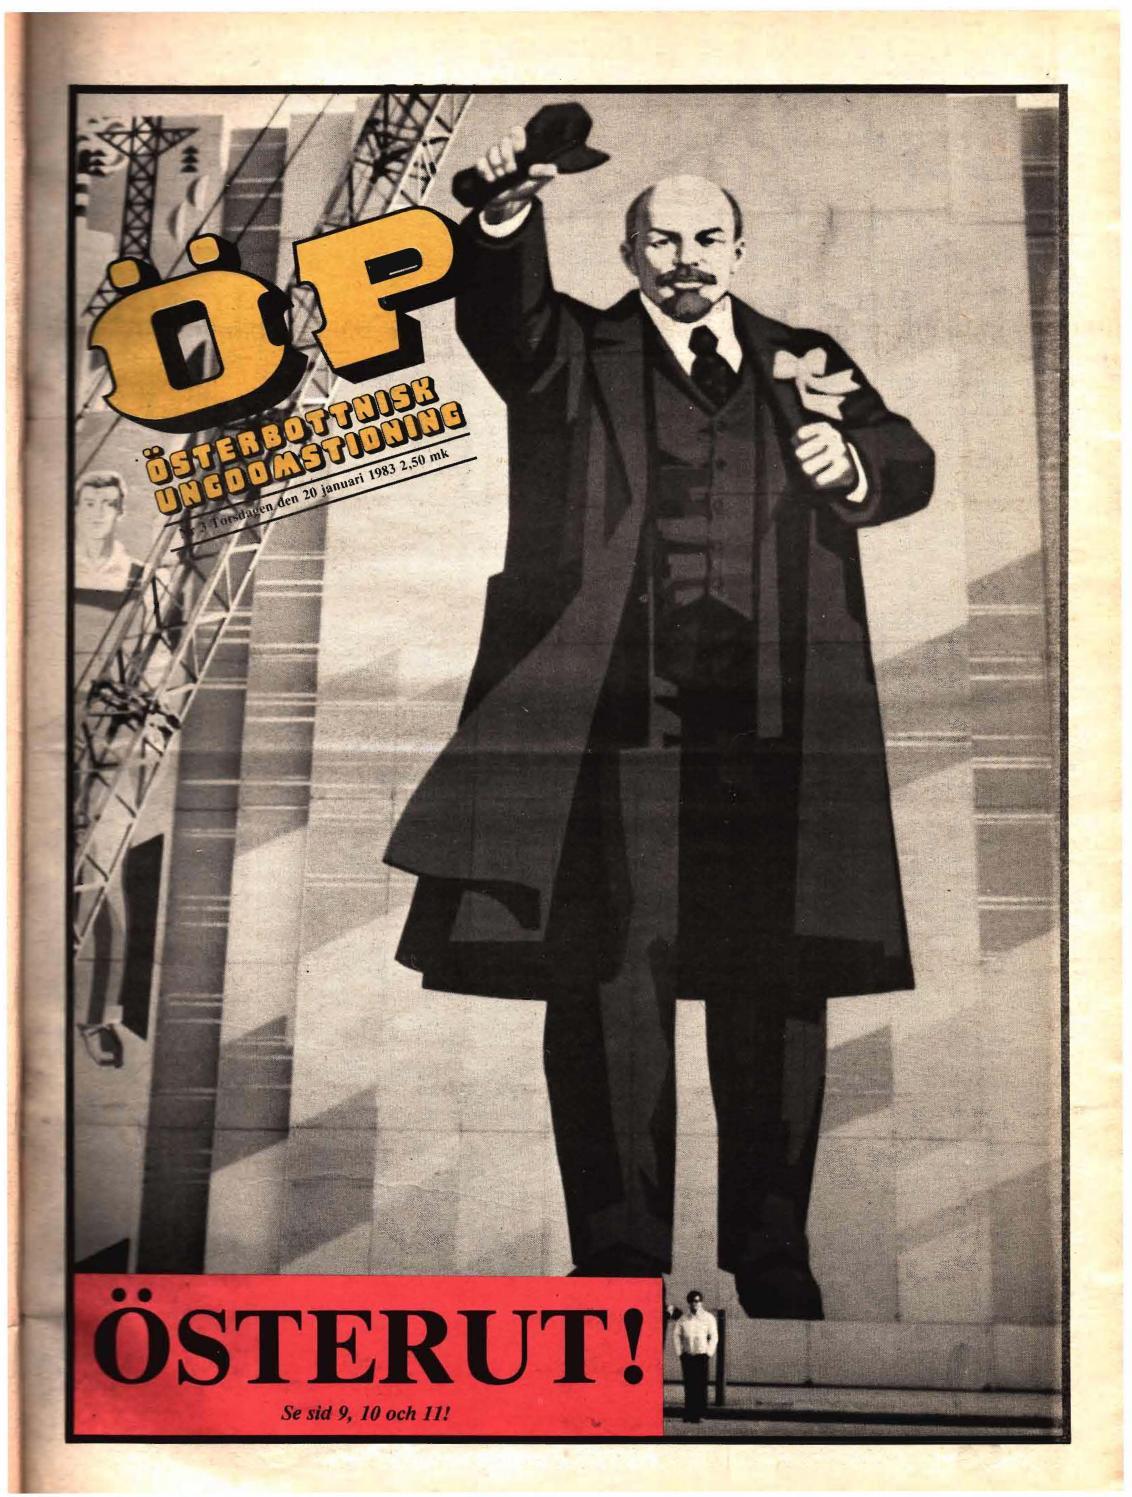 Österbottniska posten (Öp) nr. 3 1983 by Österbottniska posten   issuu